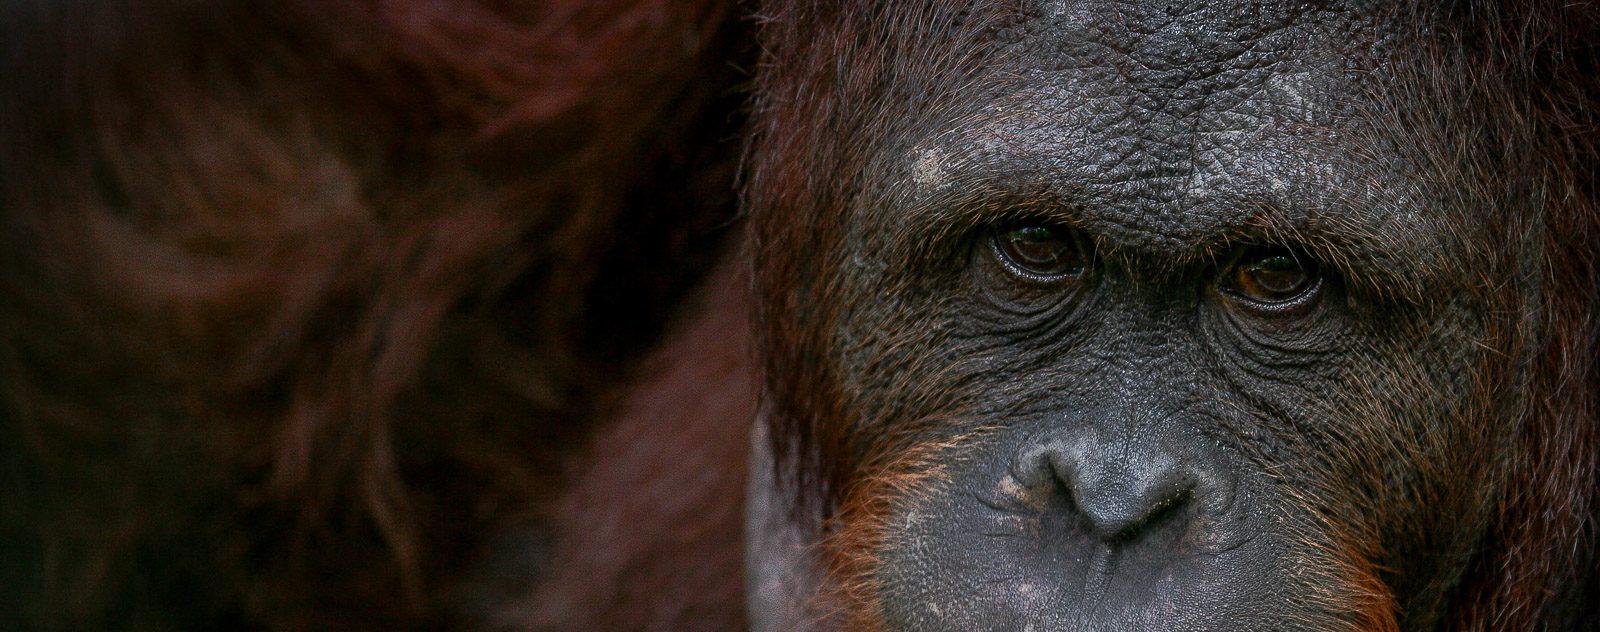 Orangutan at wildlife rescue centre in Sulawesi